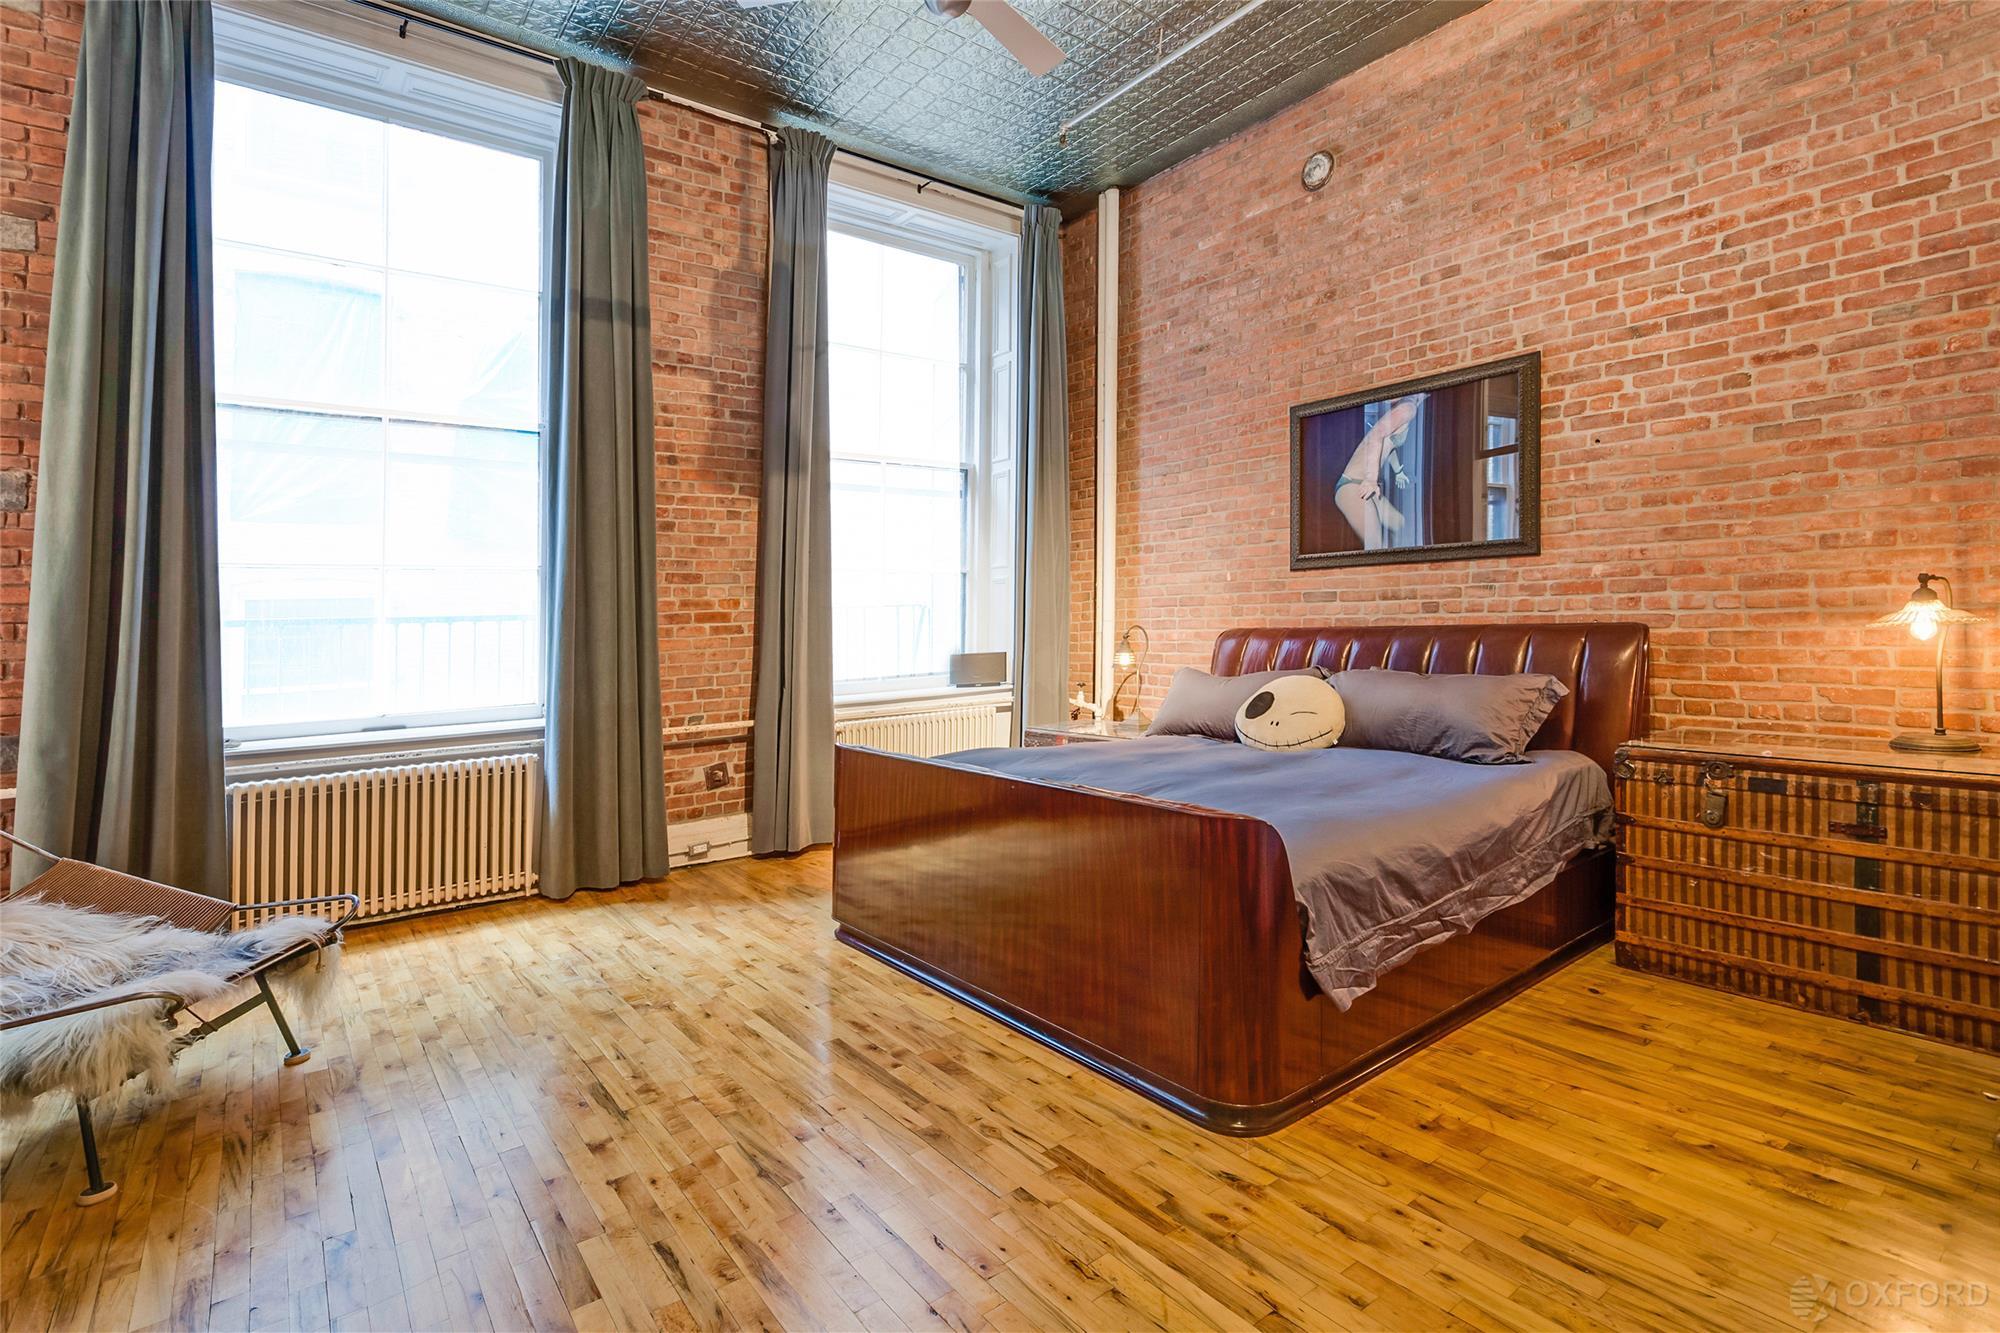 El increíble loft de Adam Levine valuado en $5.5 millones de dólares